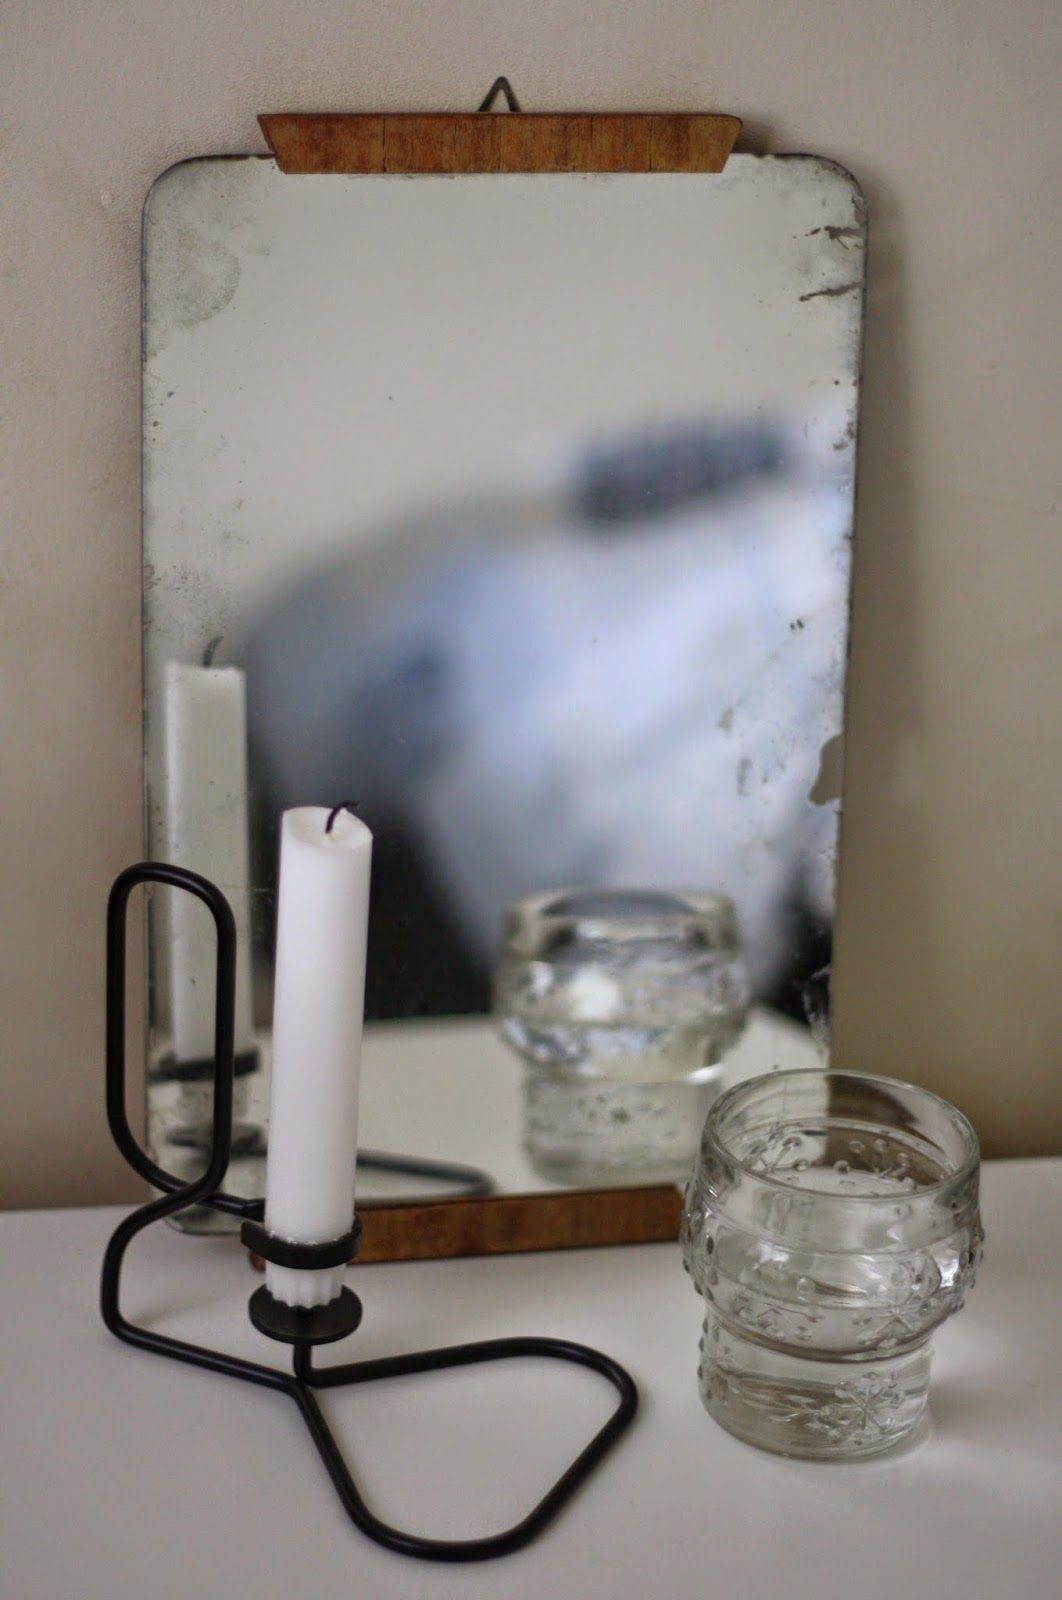 vanha peili - kylppäriin